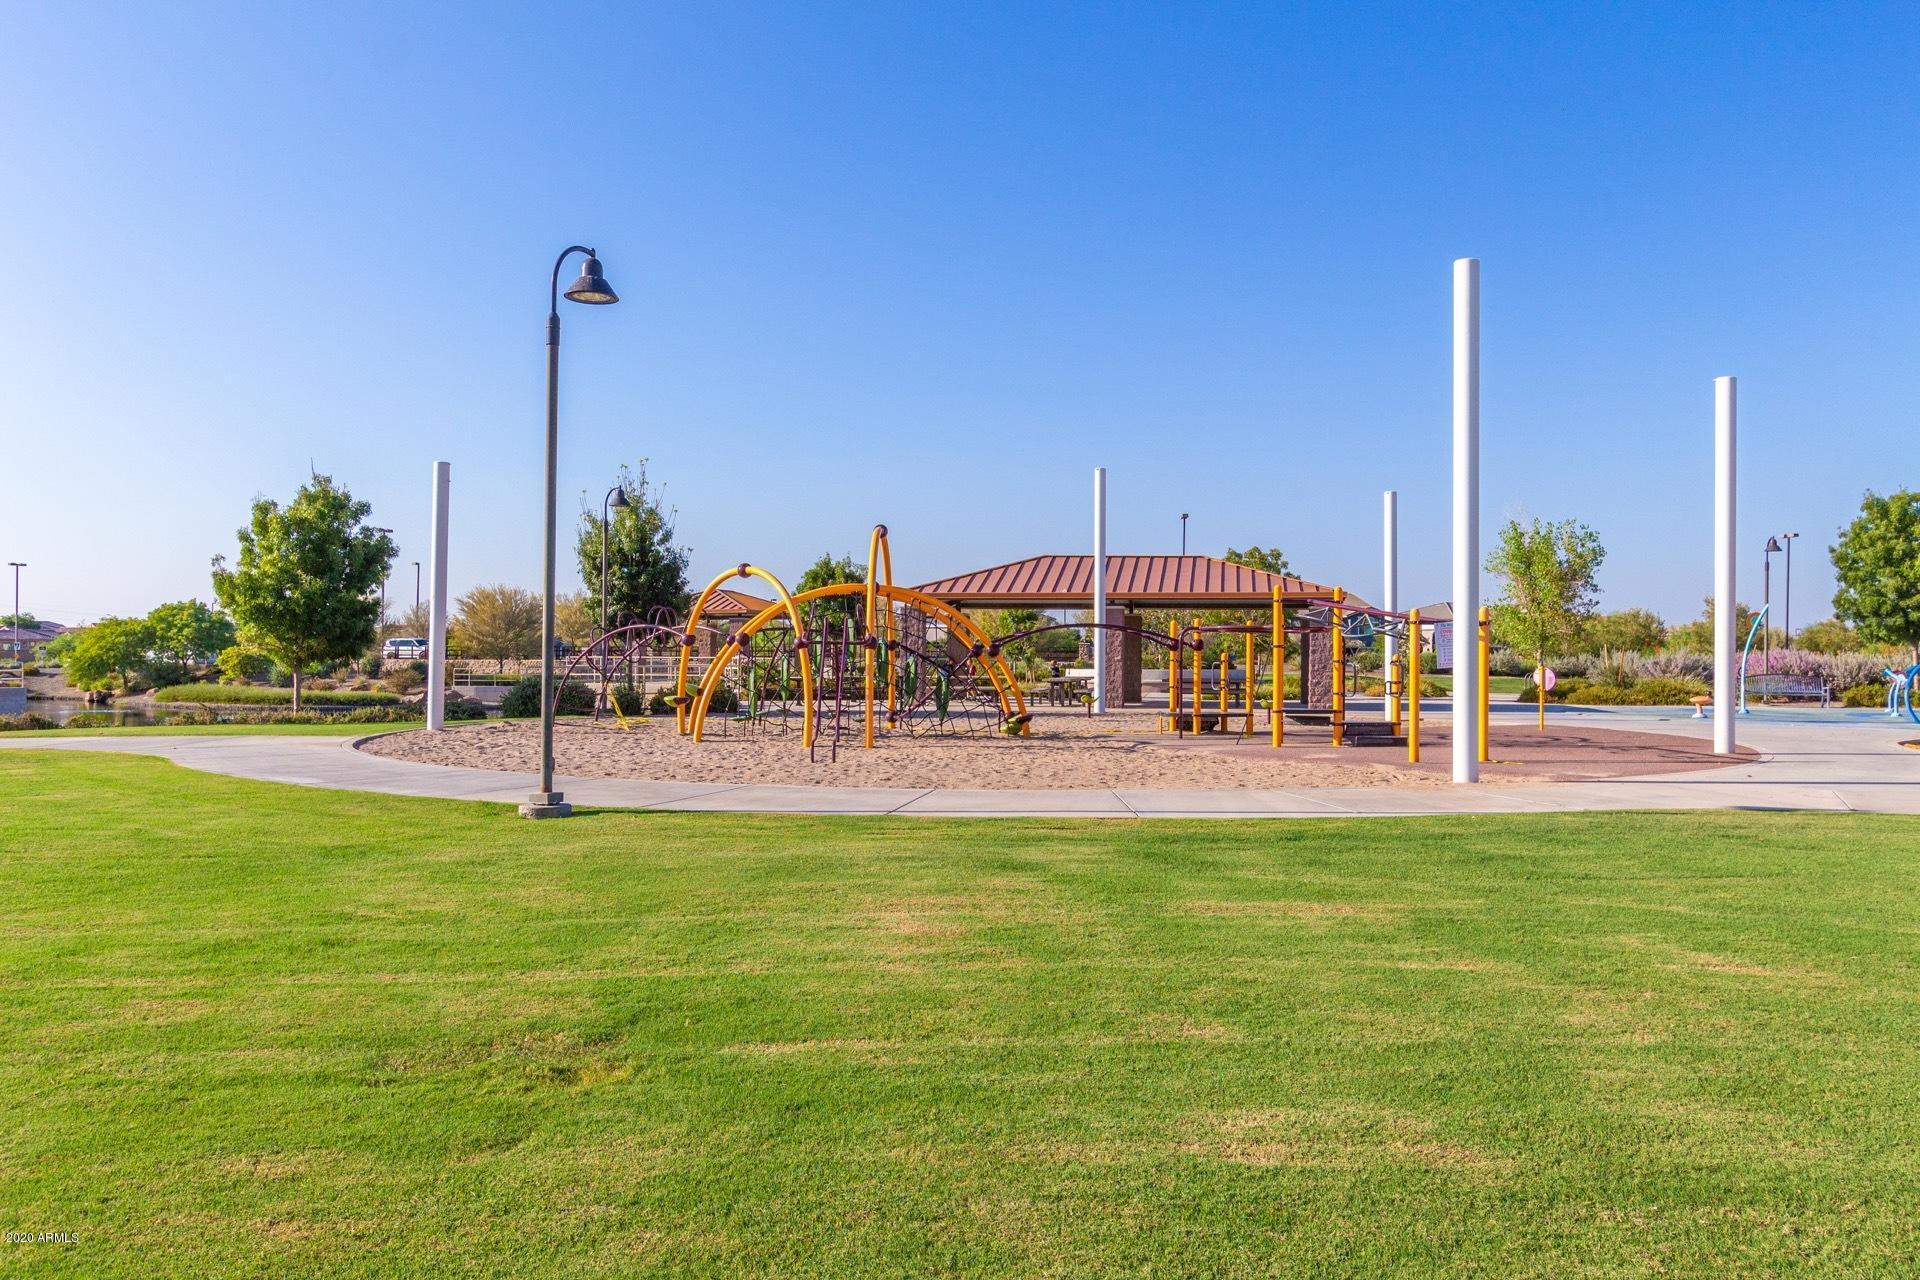 MLS 6137646 3835 E CAROB Drive, Gilbert, AZ 85298 Gilbert AZ Condo or Townhome